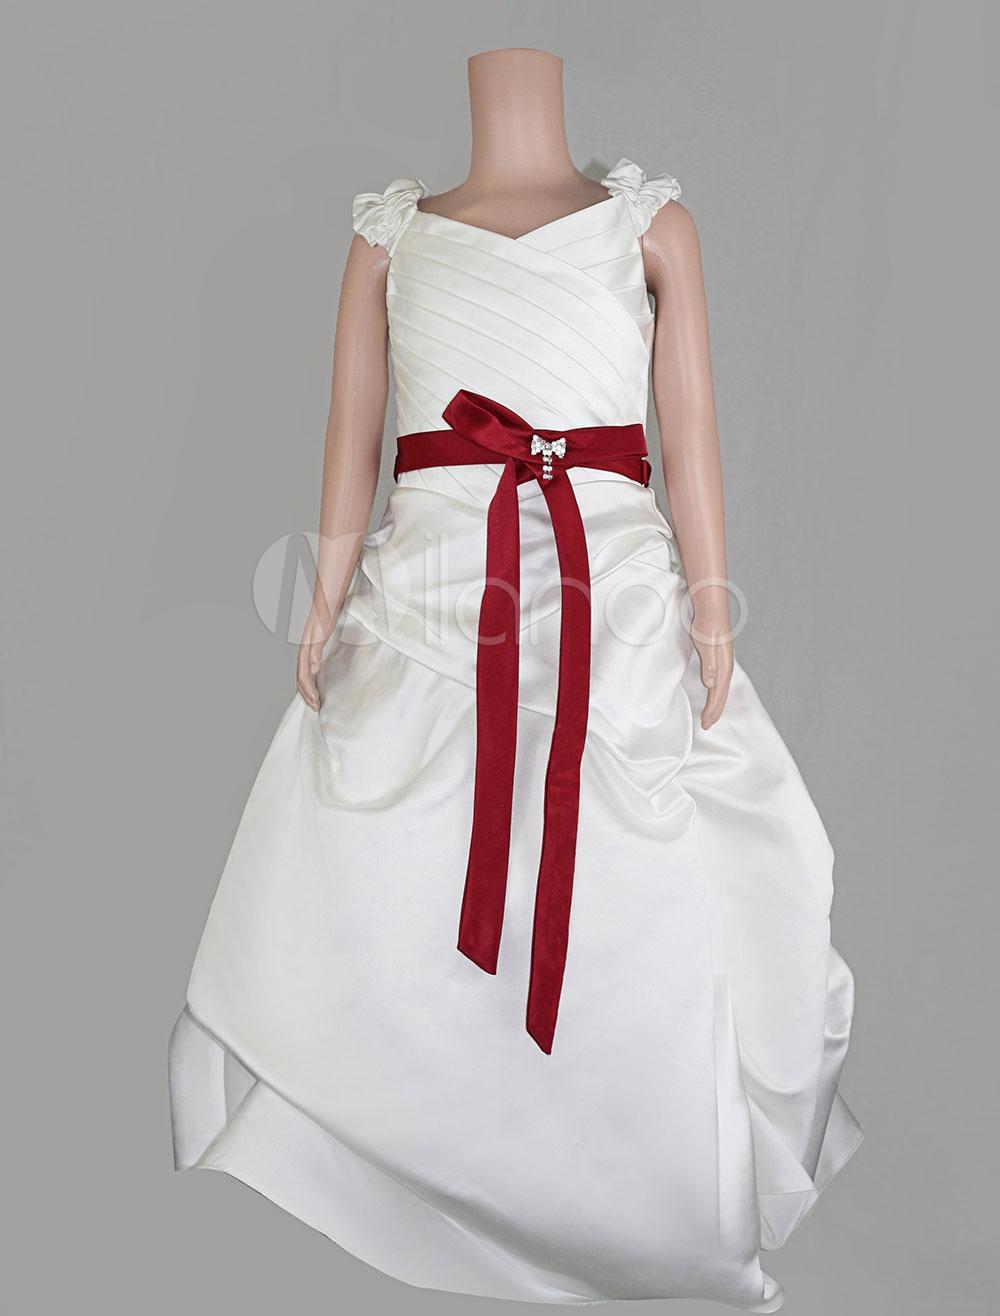 7c5fe978810 Robe fille Ivoire fleurs avec ceinture rouge et Bow - boutique.milanoo